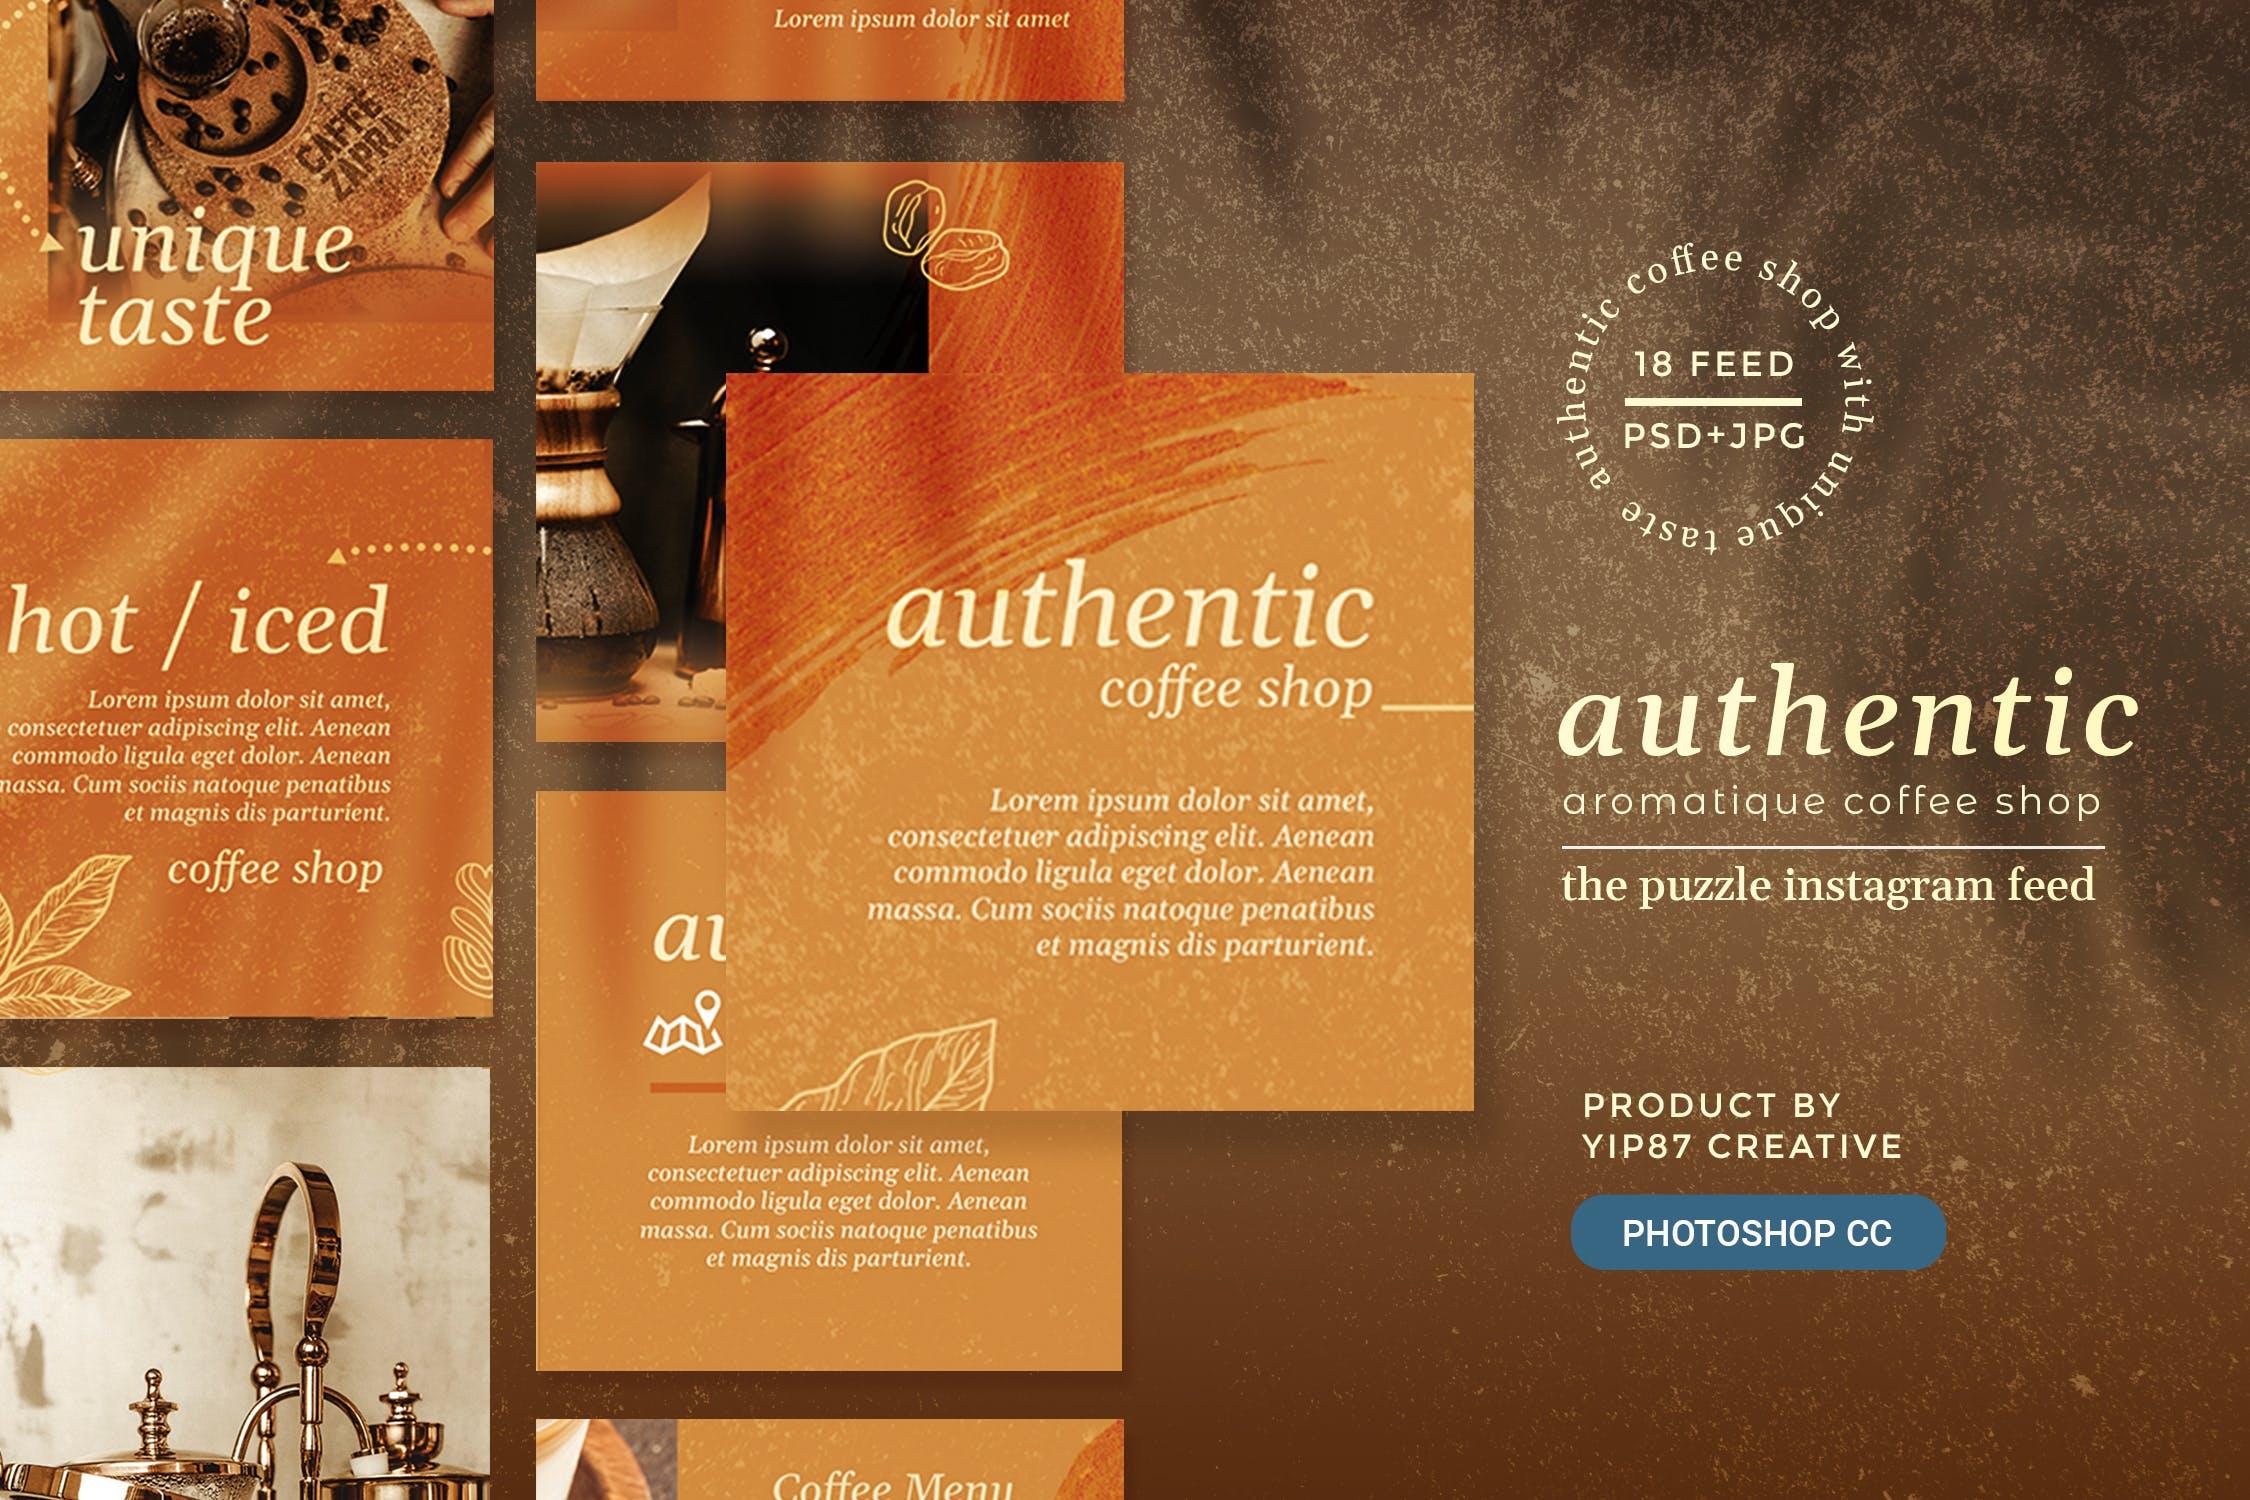 时尚咖啡店品牌推广新媒体海报设计模板 Autenthic Coffee Cafe – Instagram Puzzle插图(1)